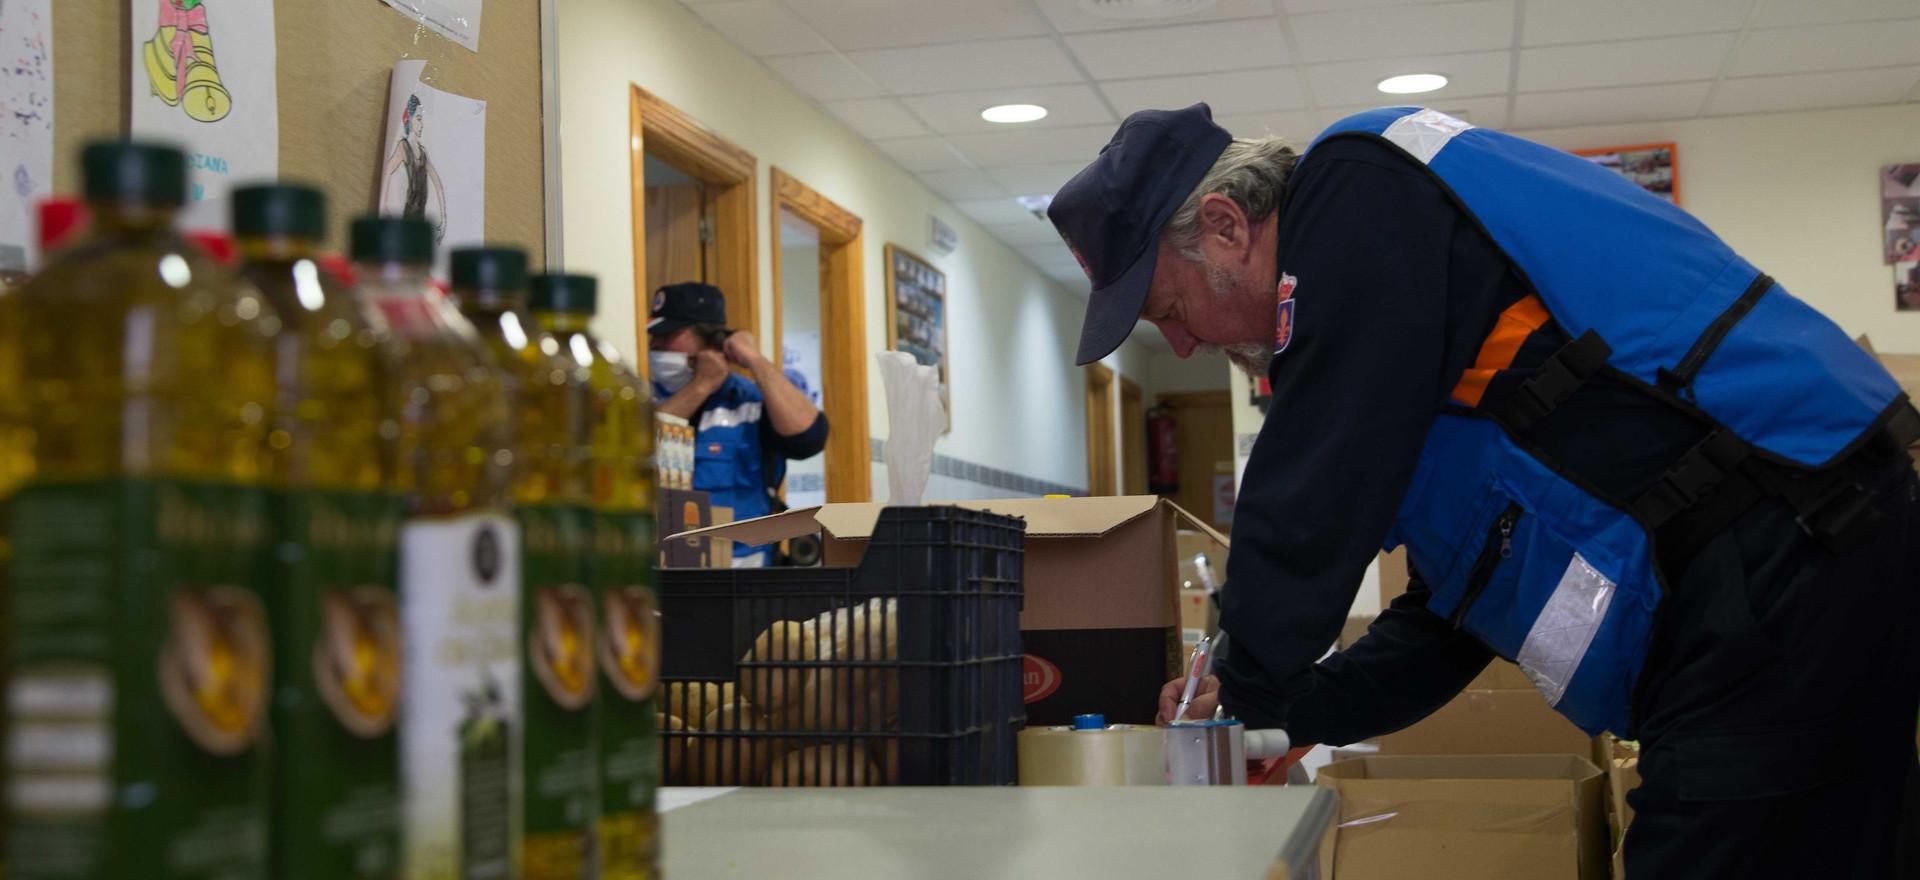 Clasificando donaciones y preparando cestas para reparto